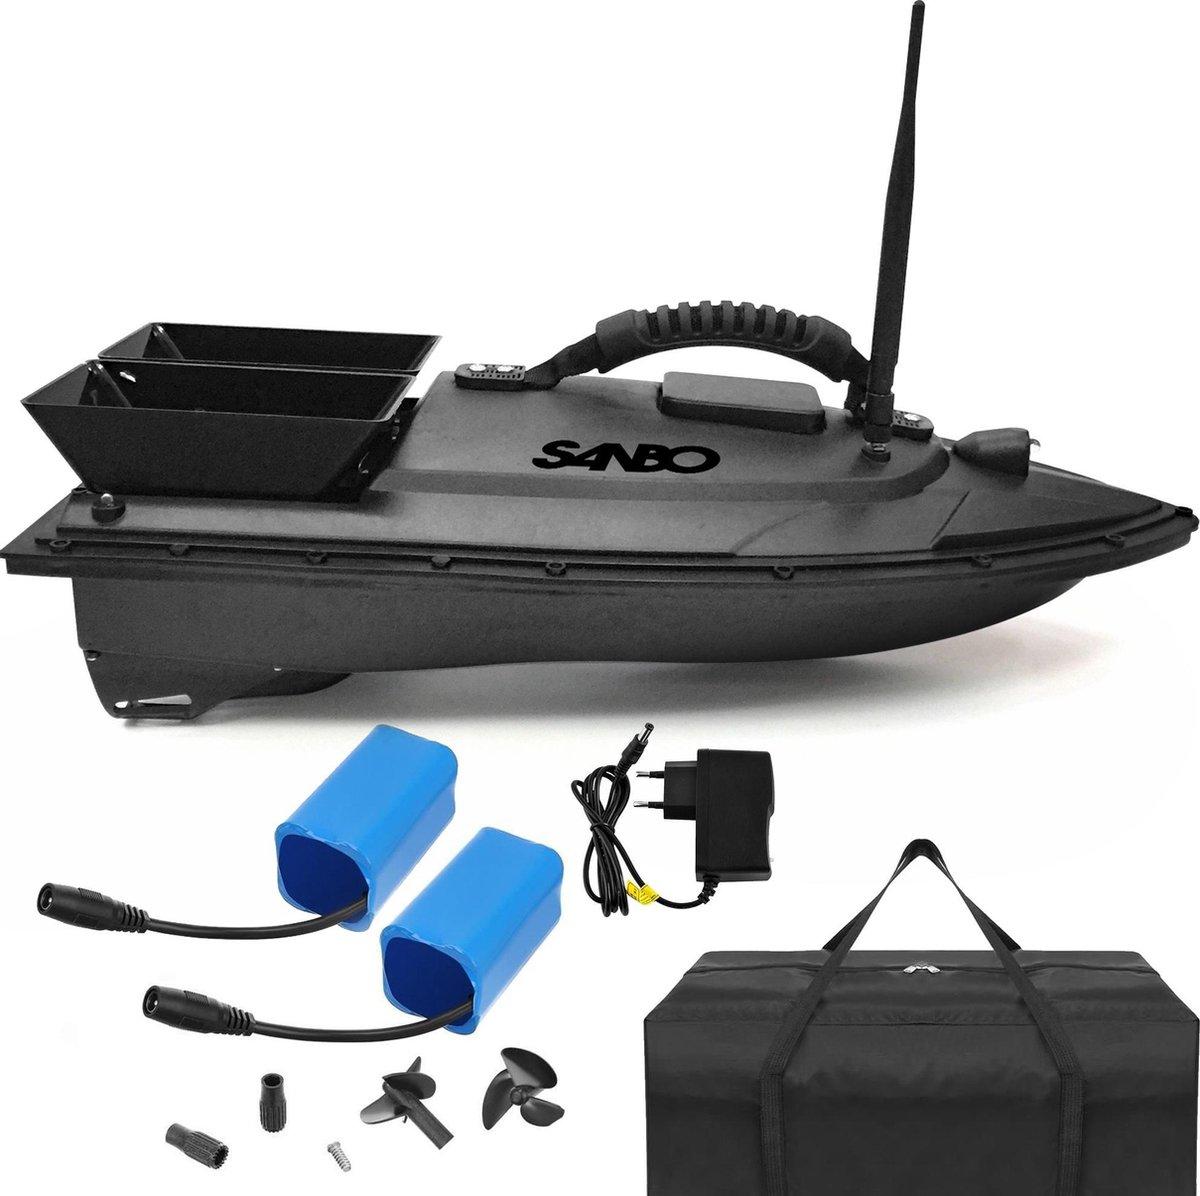 Sanbo  - Voerboot - inclusief tas en 2 batterijen - Voerboot Karpervissen - Baitboat - visspullen -